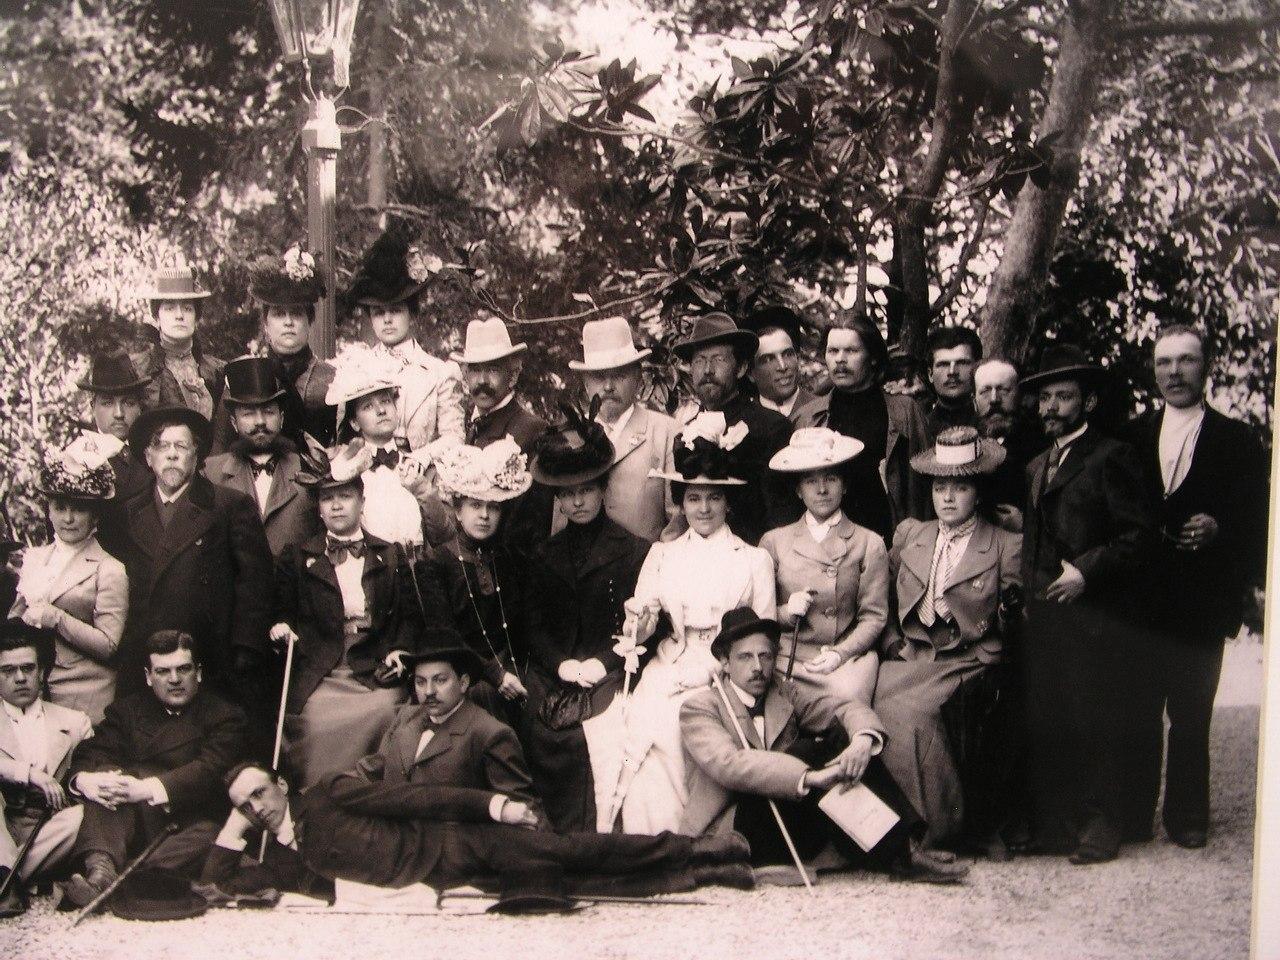 Чехов с труппой МХТ (присутствуют Горький, Станиславский, Мейерхольд и Ольга Книппер)